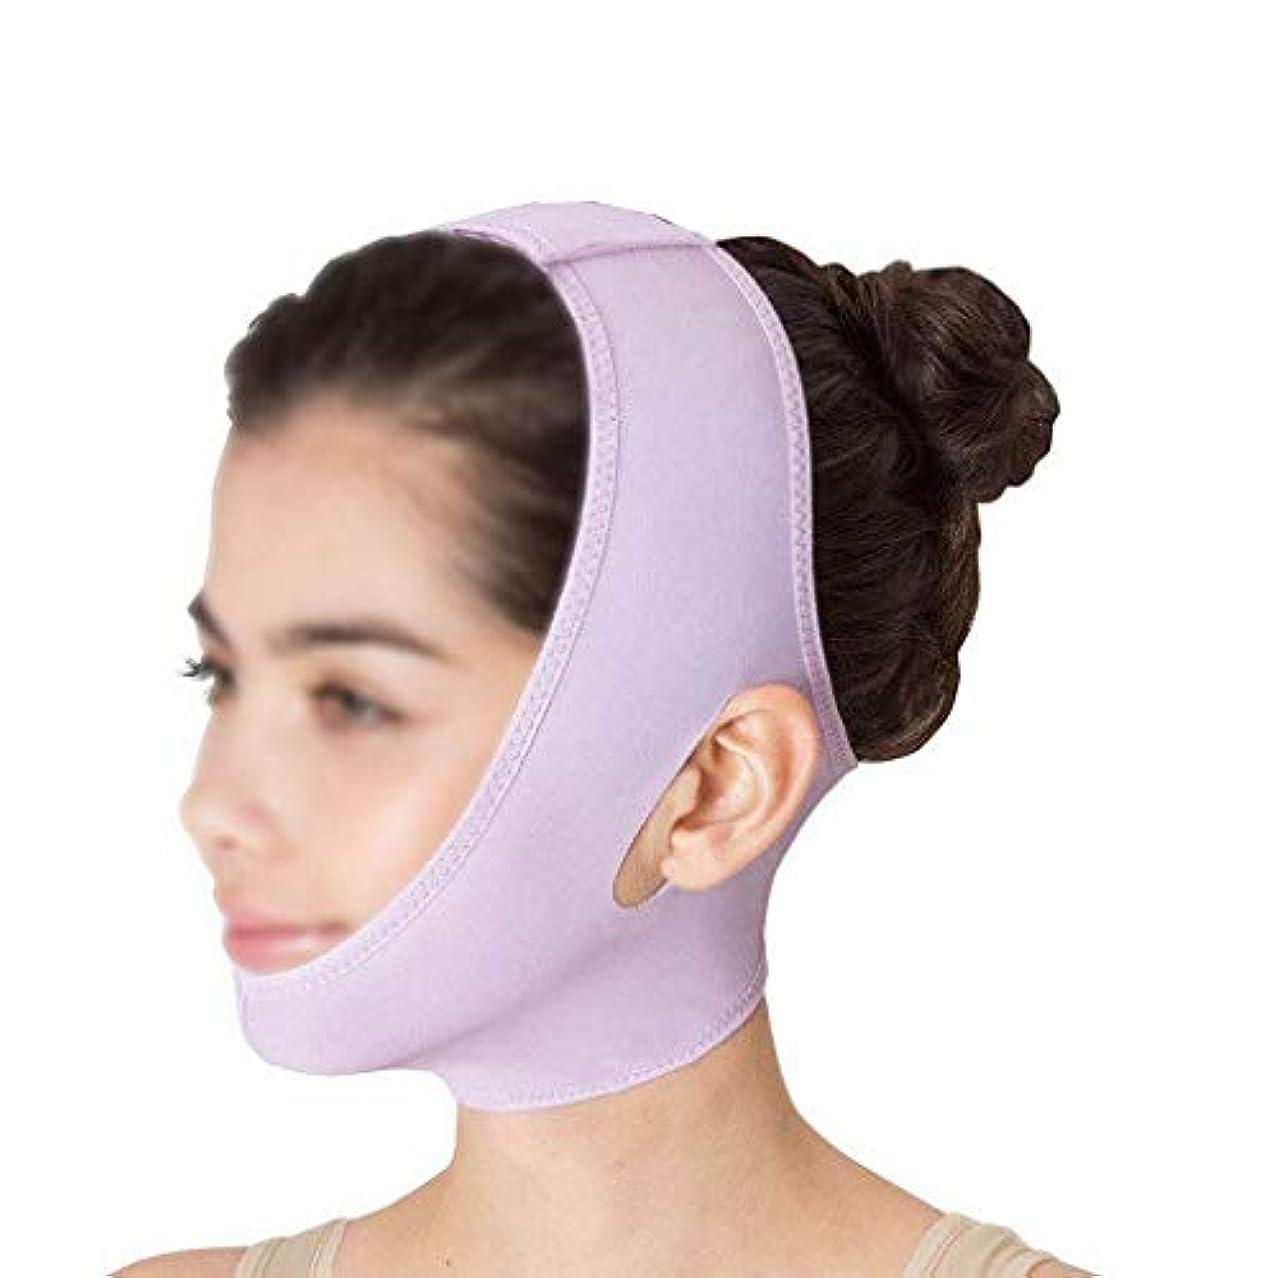 グラマー列車迷惑薄いフェイスマスク ビームフェイス、薄いダブルチンでスリーピングマスクの下の頬を防ぎ、小さなVフェイスを作成